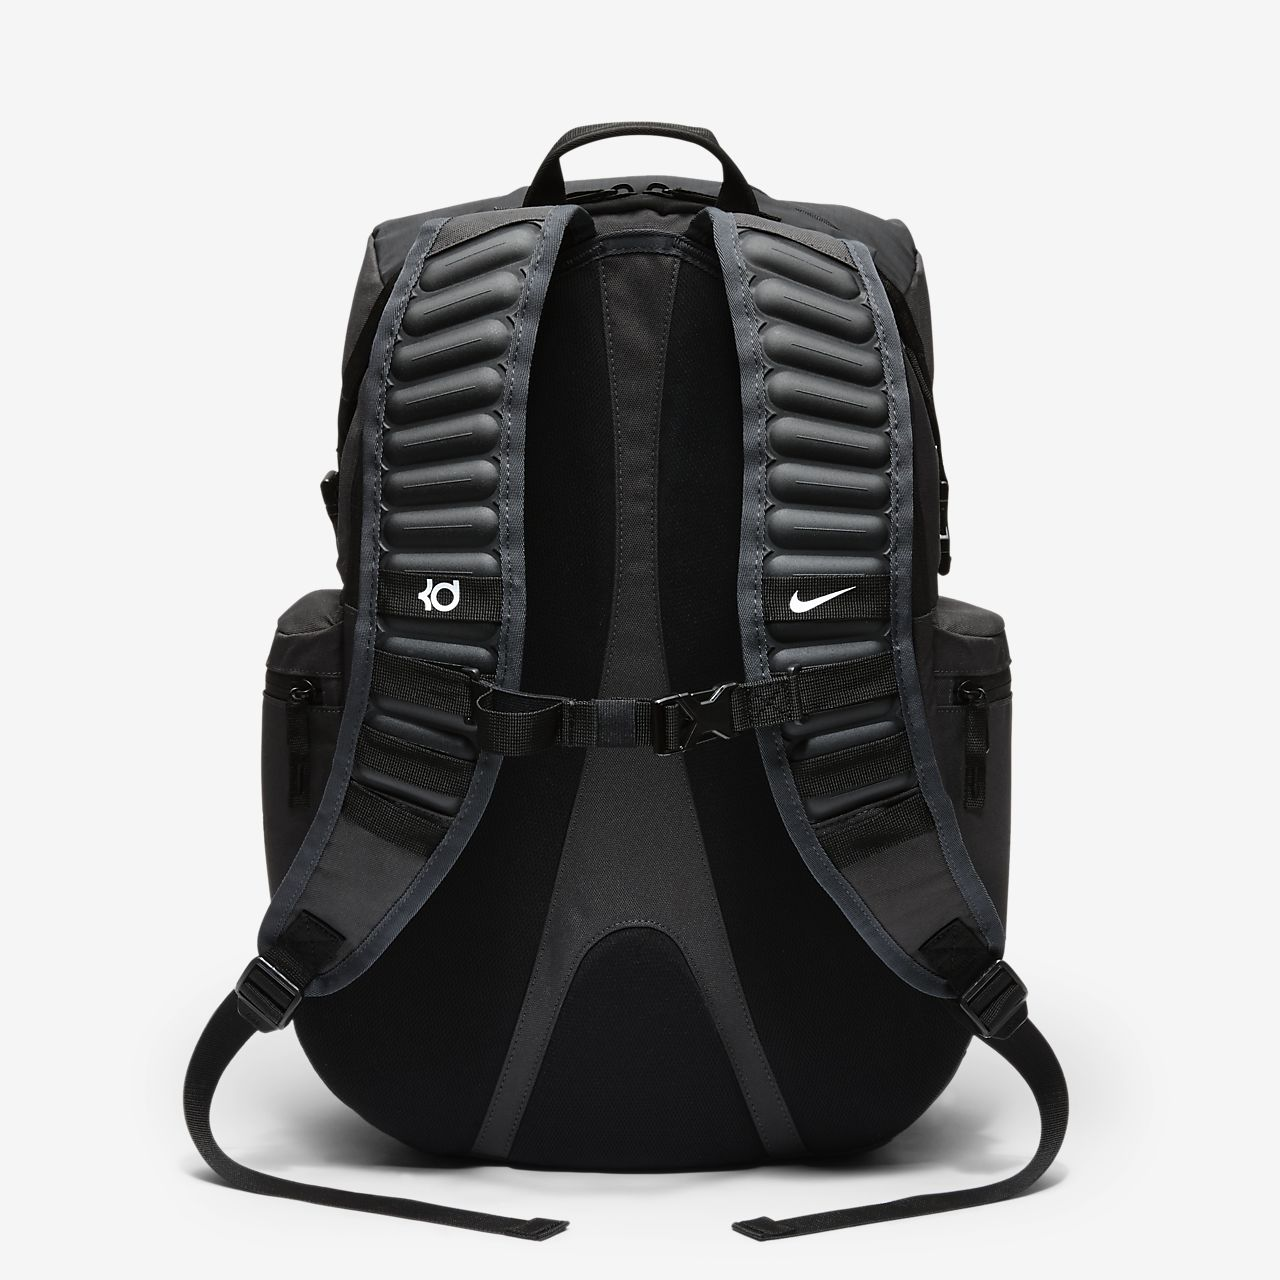 nike kd backpack